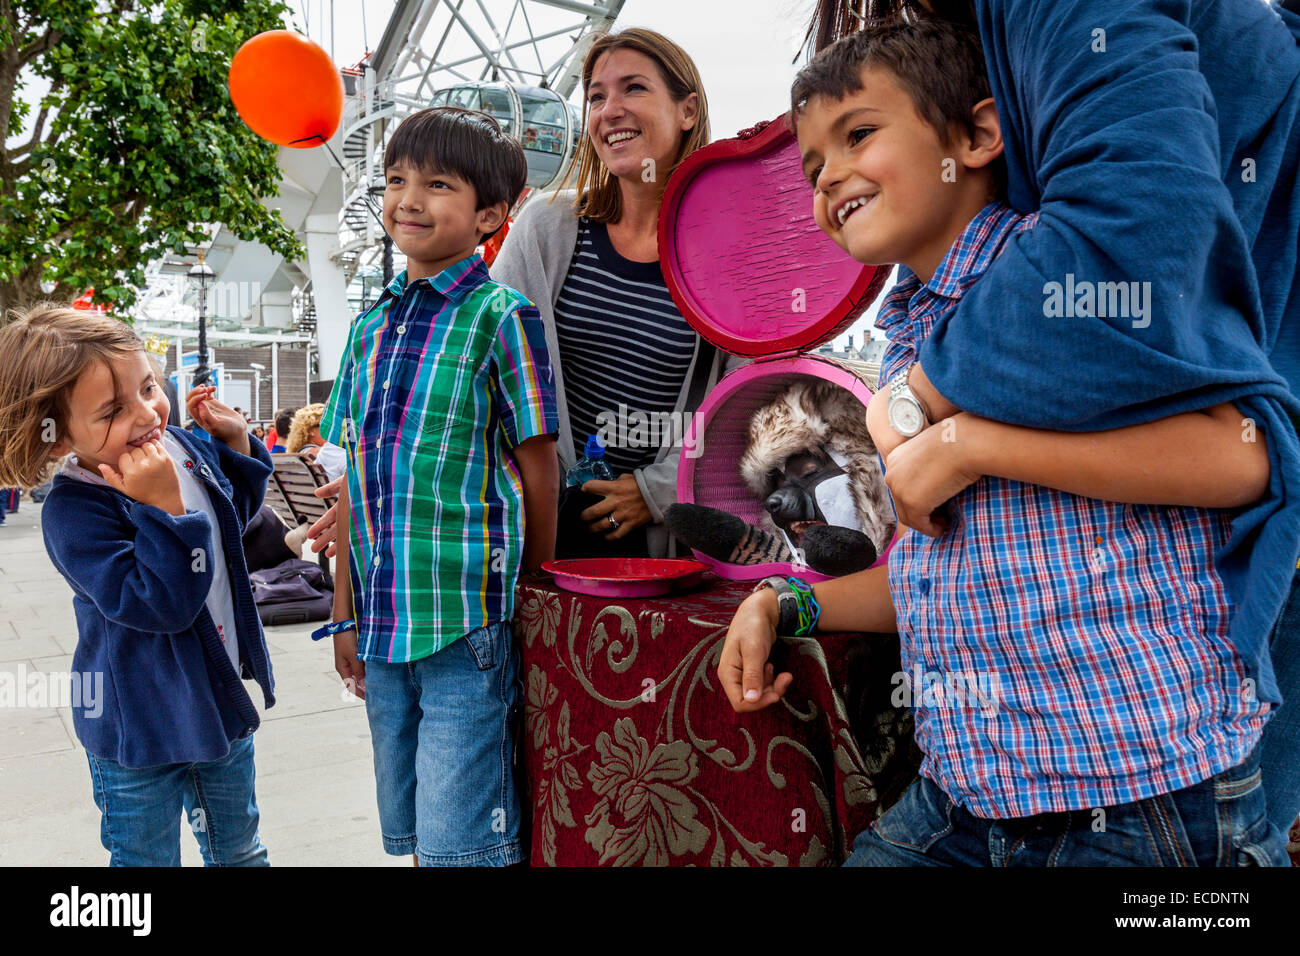 Eine Familie posiert mit A Street Entertainer auf der South Bank, London, England Stockfoto